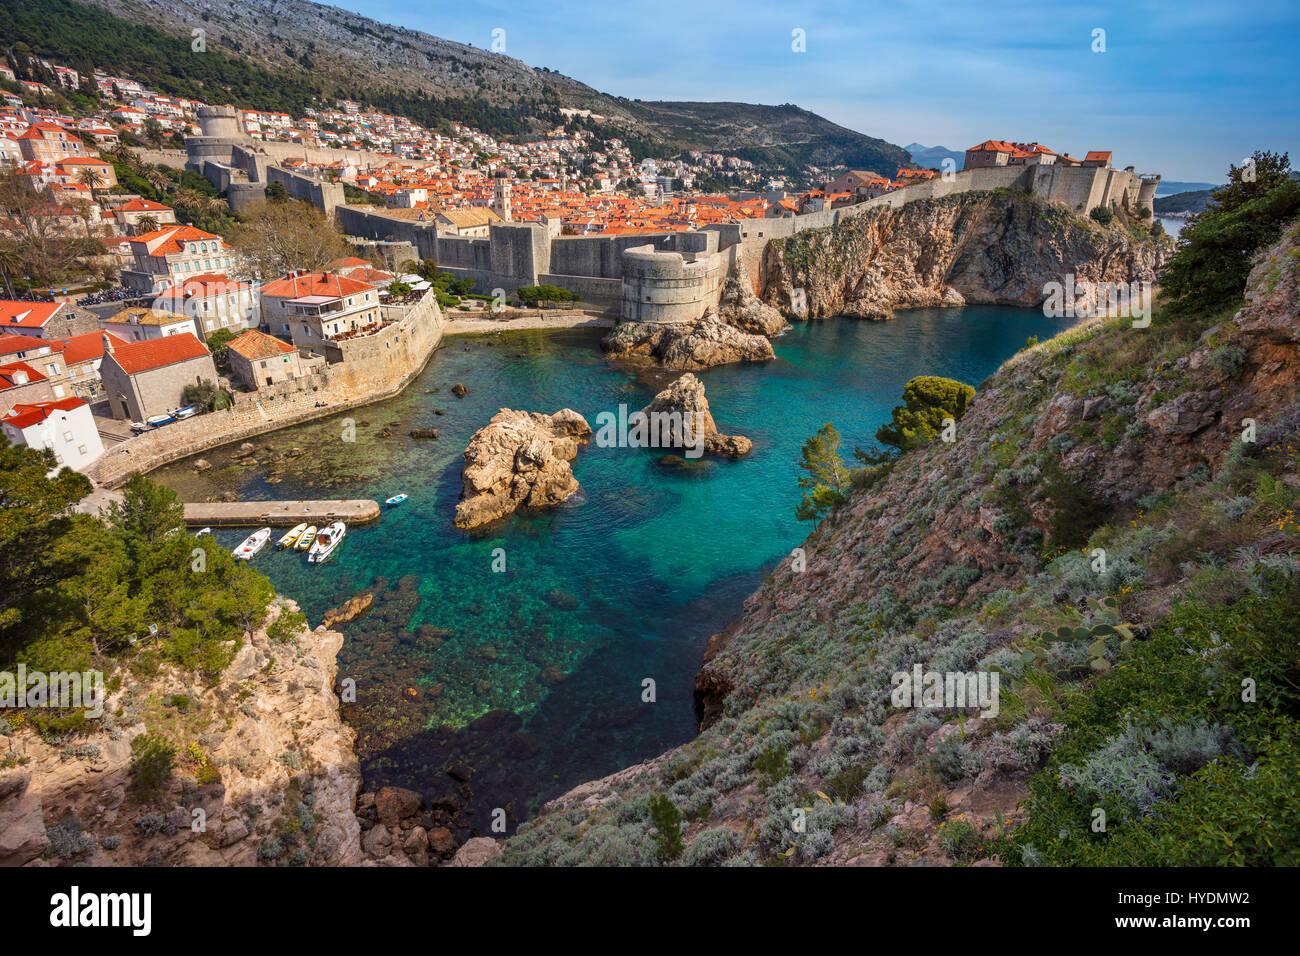 Dubrovnik, Kroatien. Schöne romantische Altstadt von Dubrovnik an sonnigen Tag. Stockbild